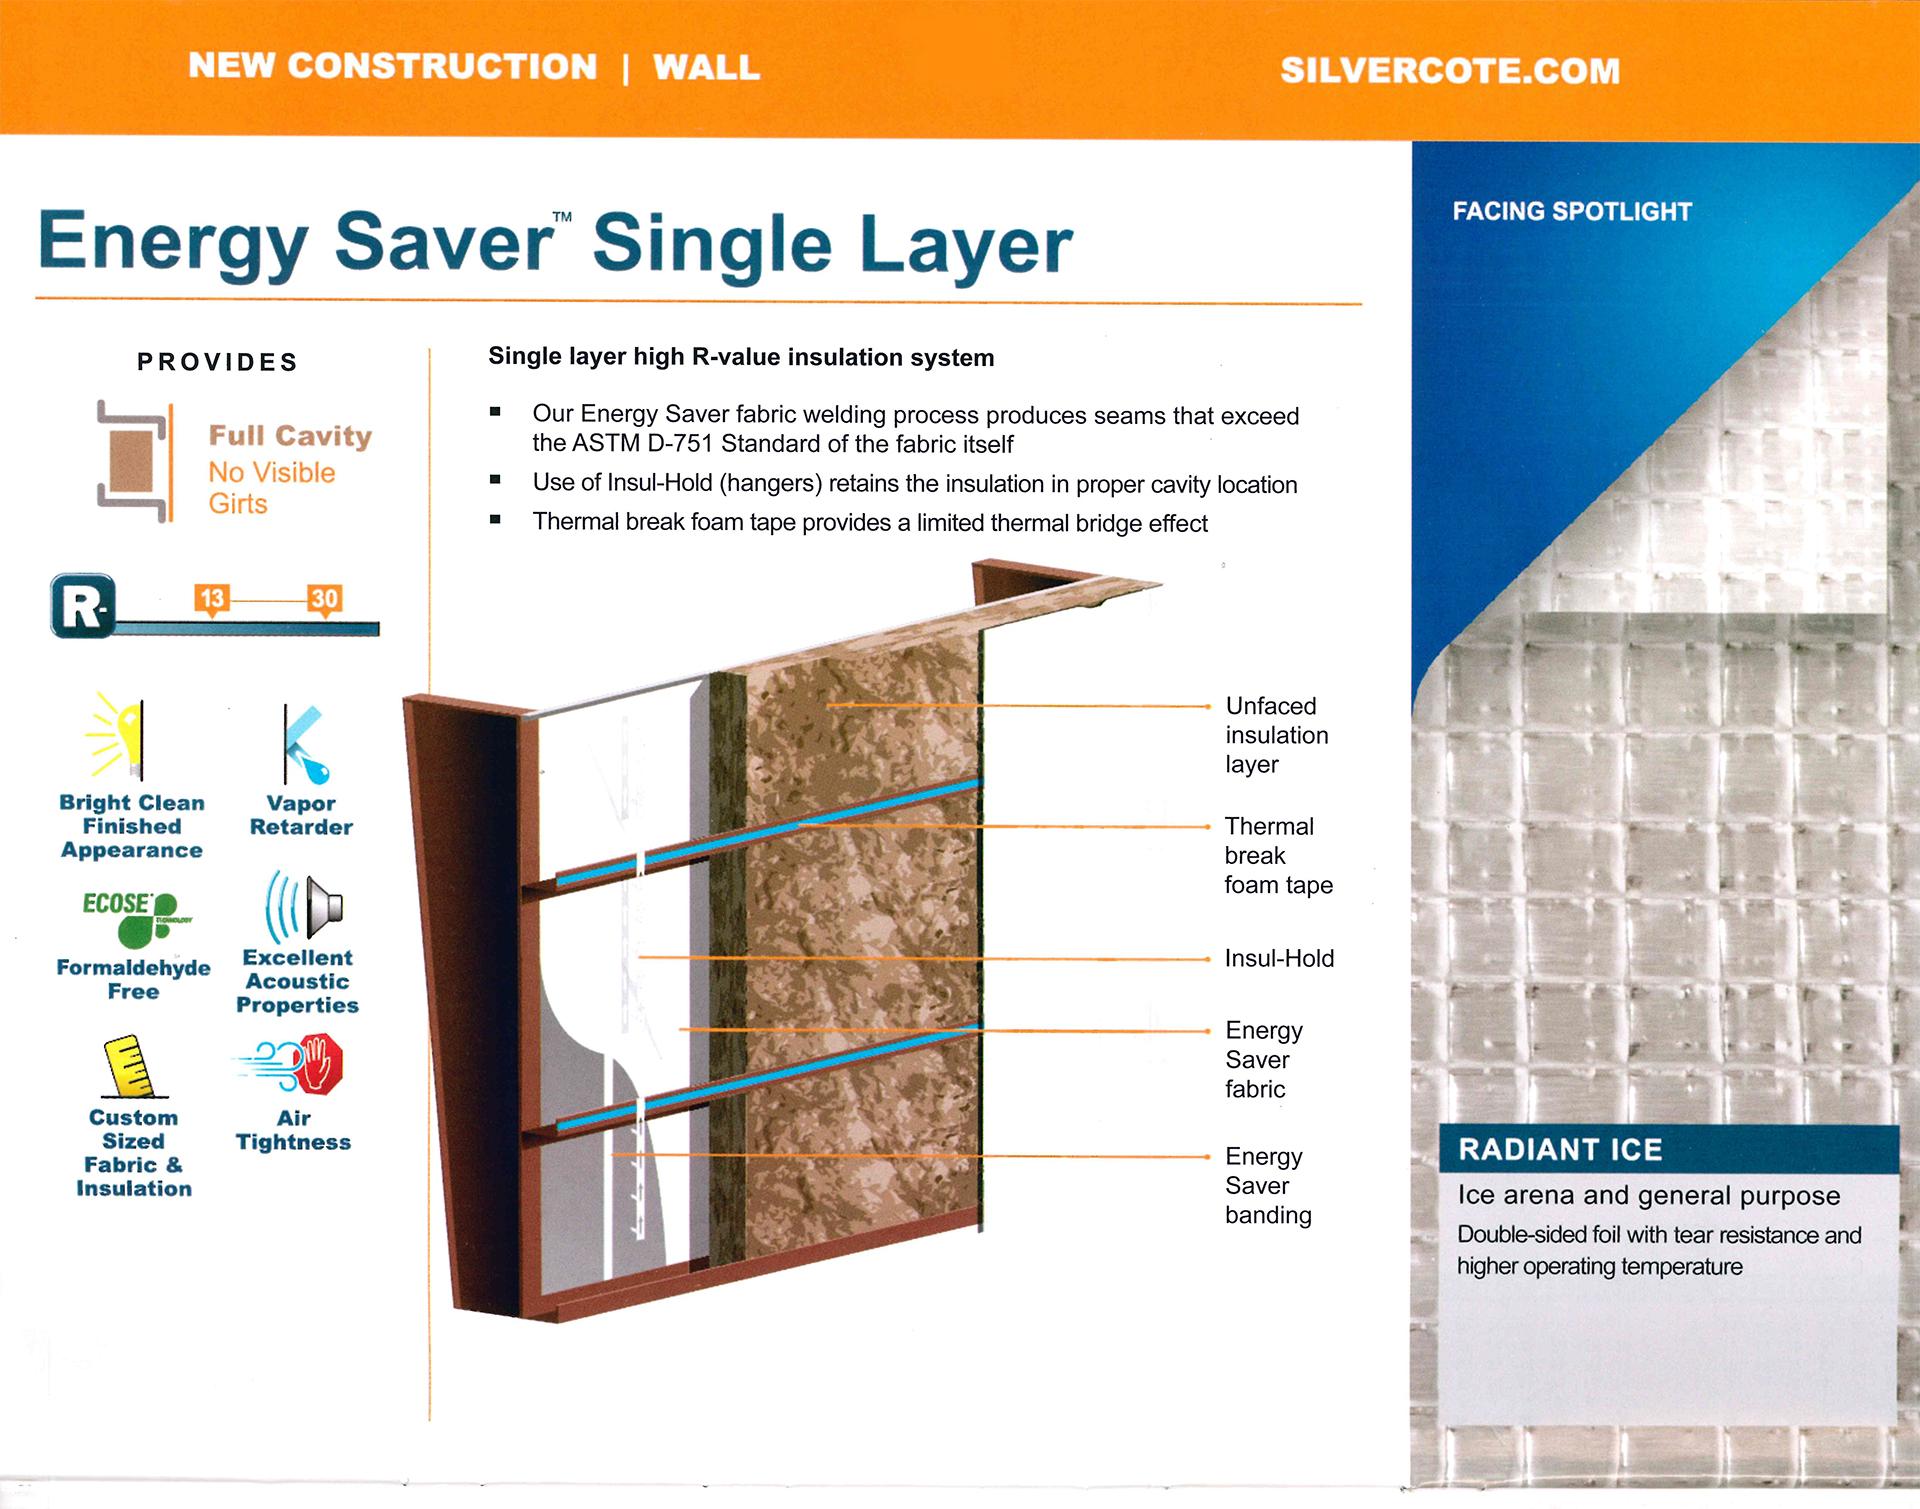 Energy Saver Single Layer